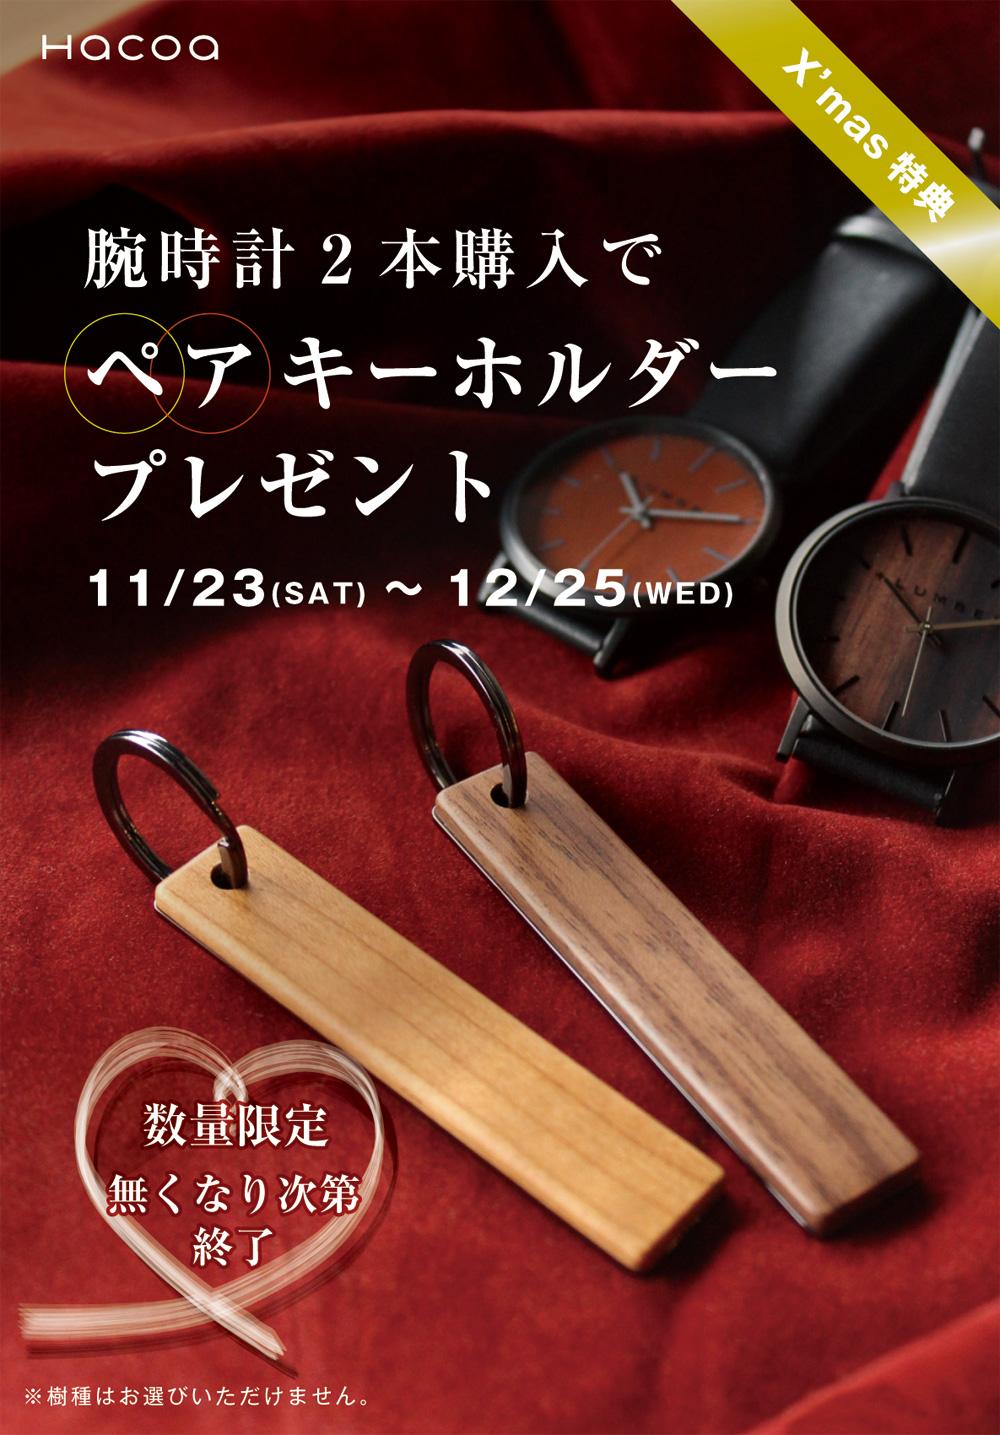 ペアウォッチ・腕時計2本購入でペアキーホルダープレゼント